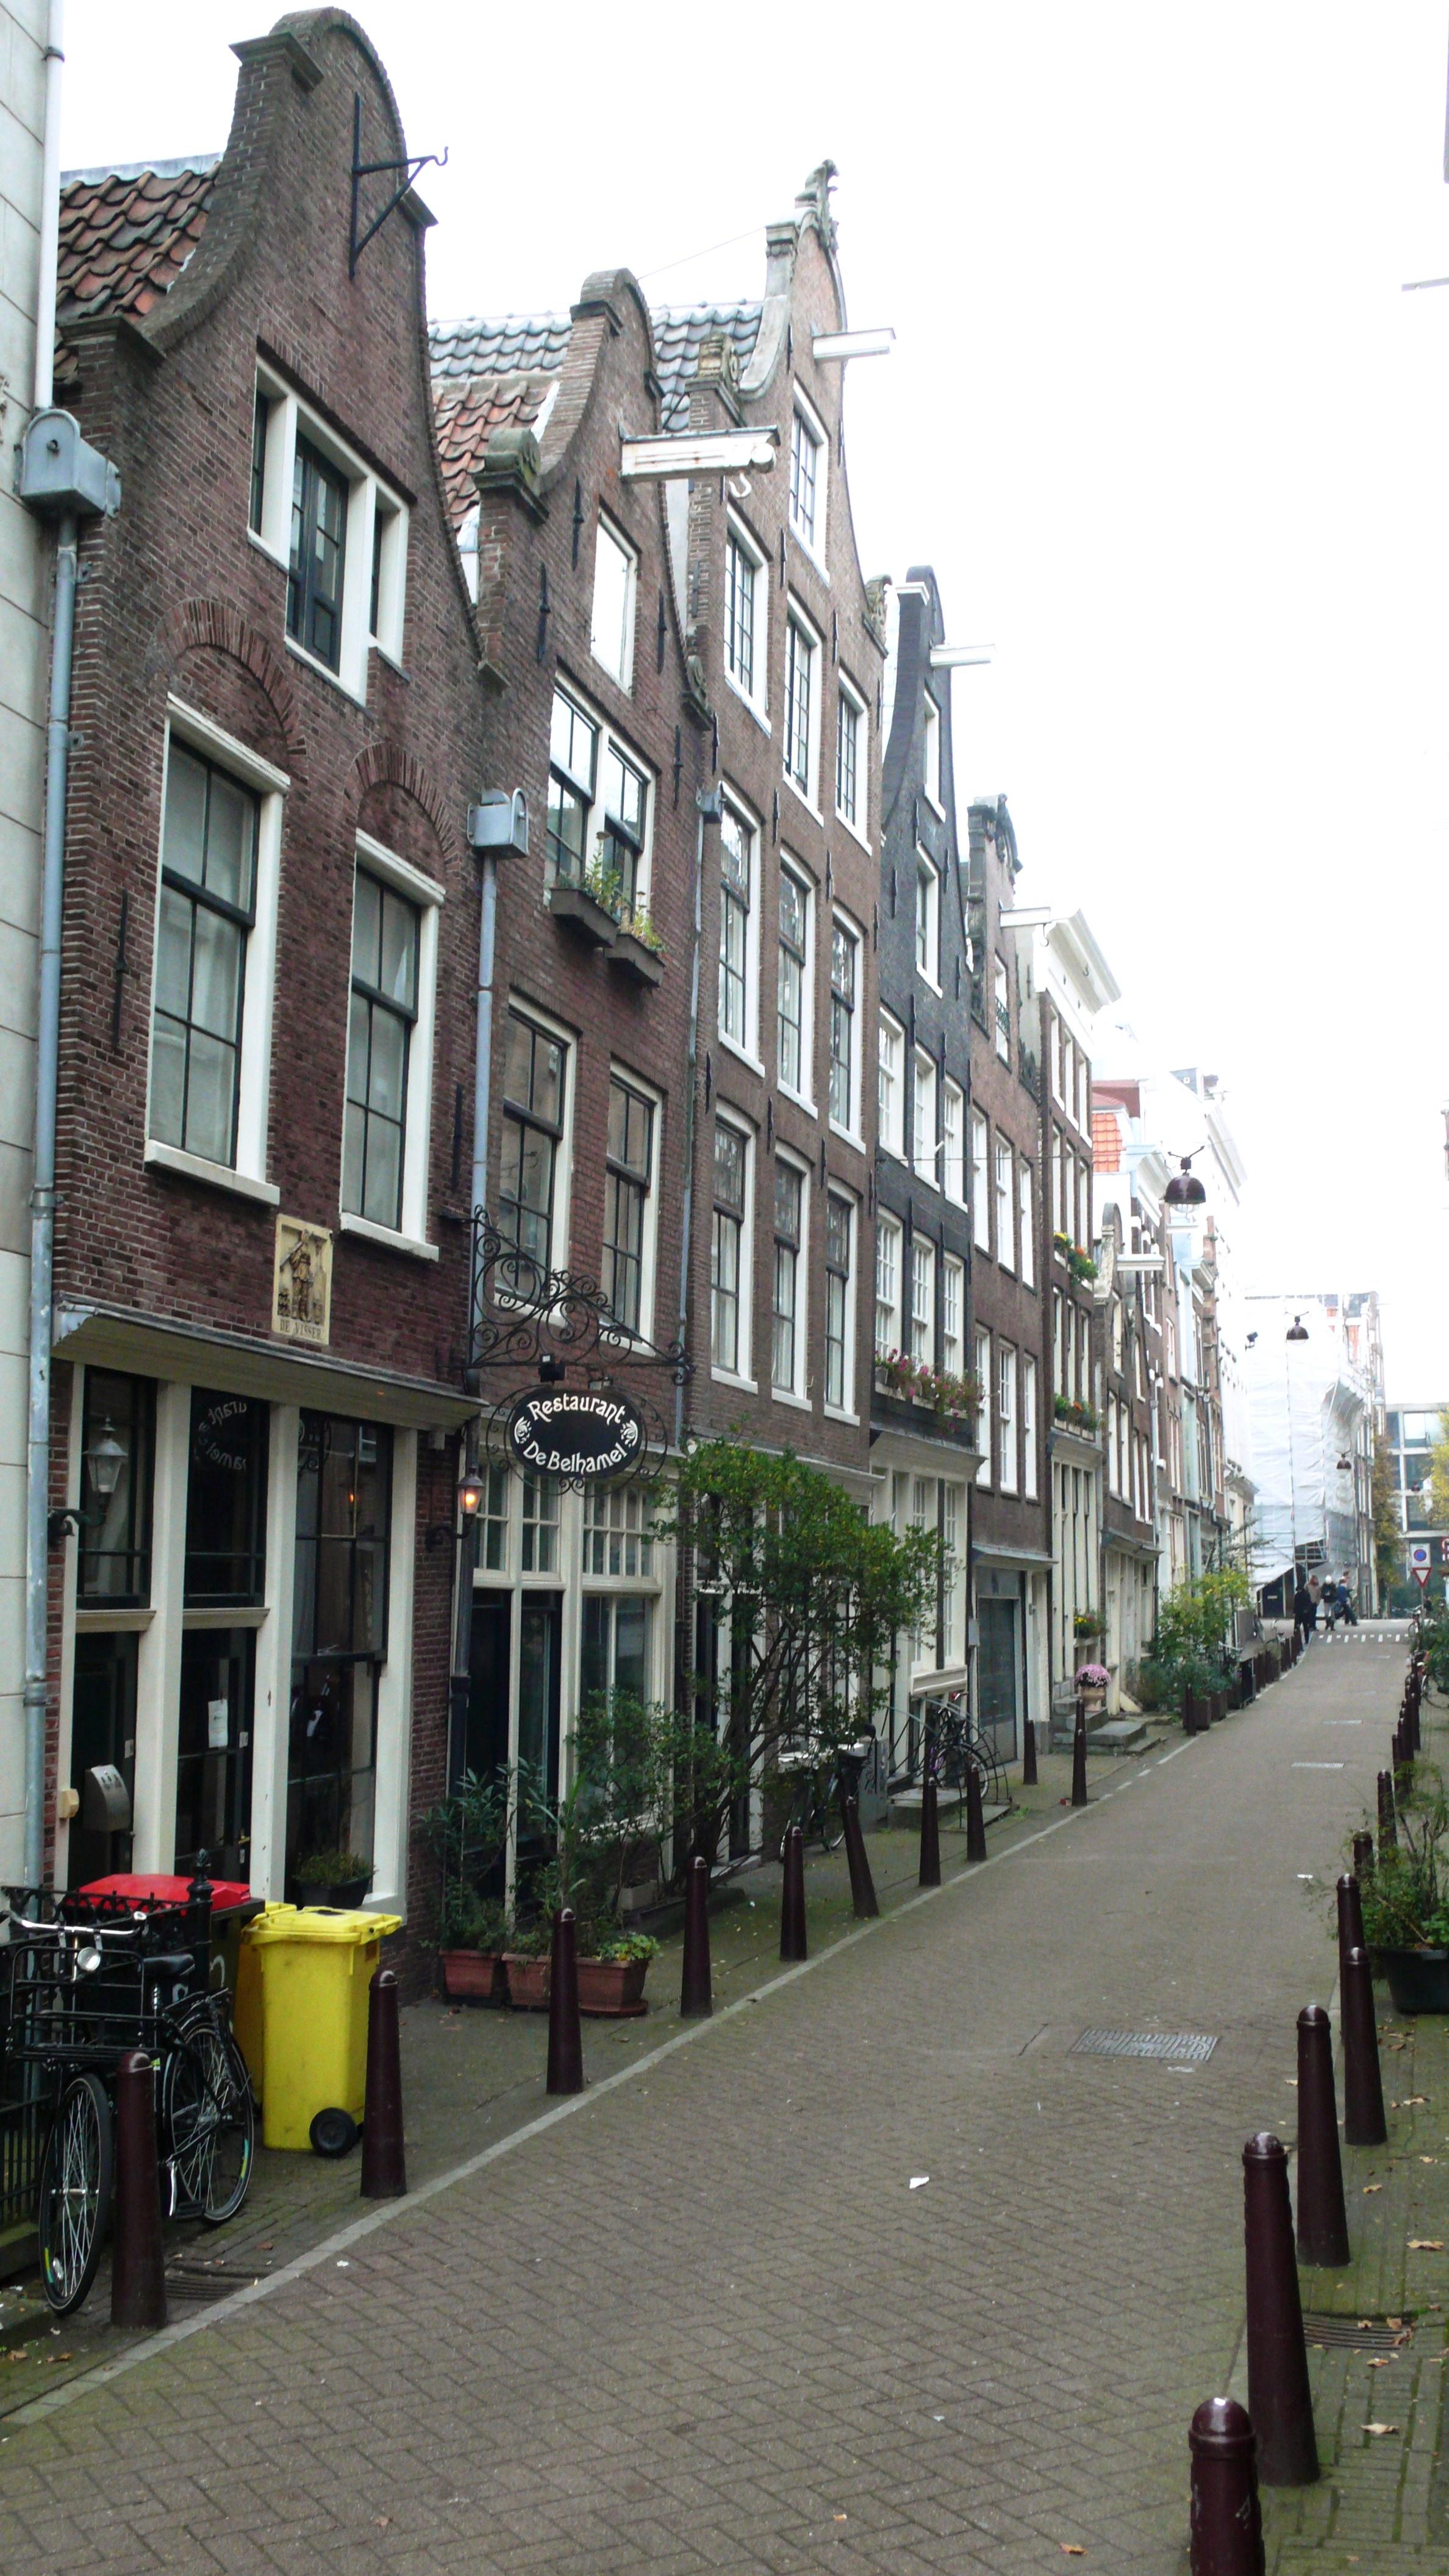 De Binnenwieringerstraat (zijstraat van de Haarlemmerstraat) in Amsterdam, waar de weduwe van Johannes Neomagus is overleden.